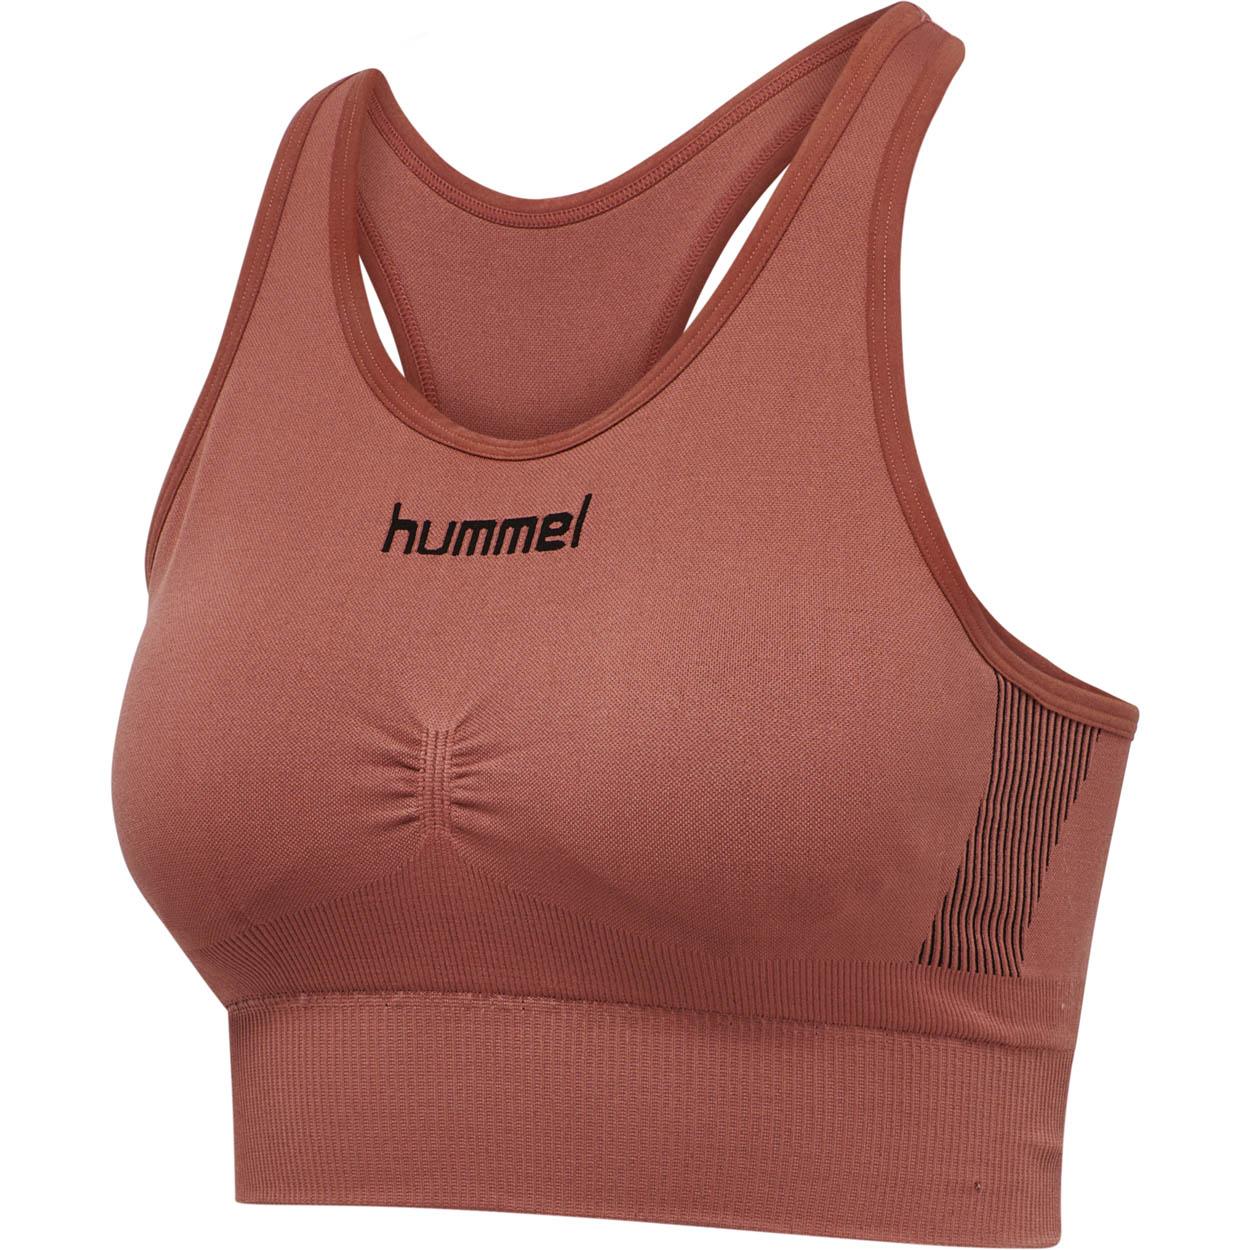 202647-3250_HUMMEL_FIRST_SEAMLESS_BRA_WOMAN (1)